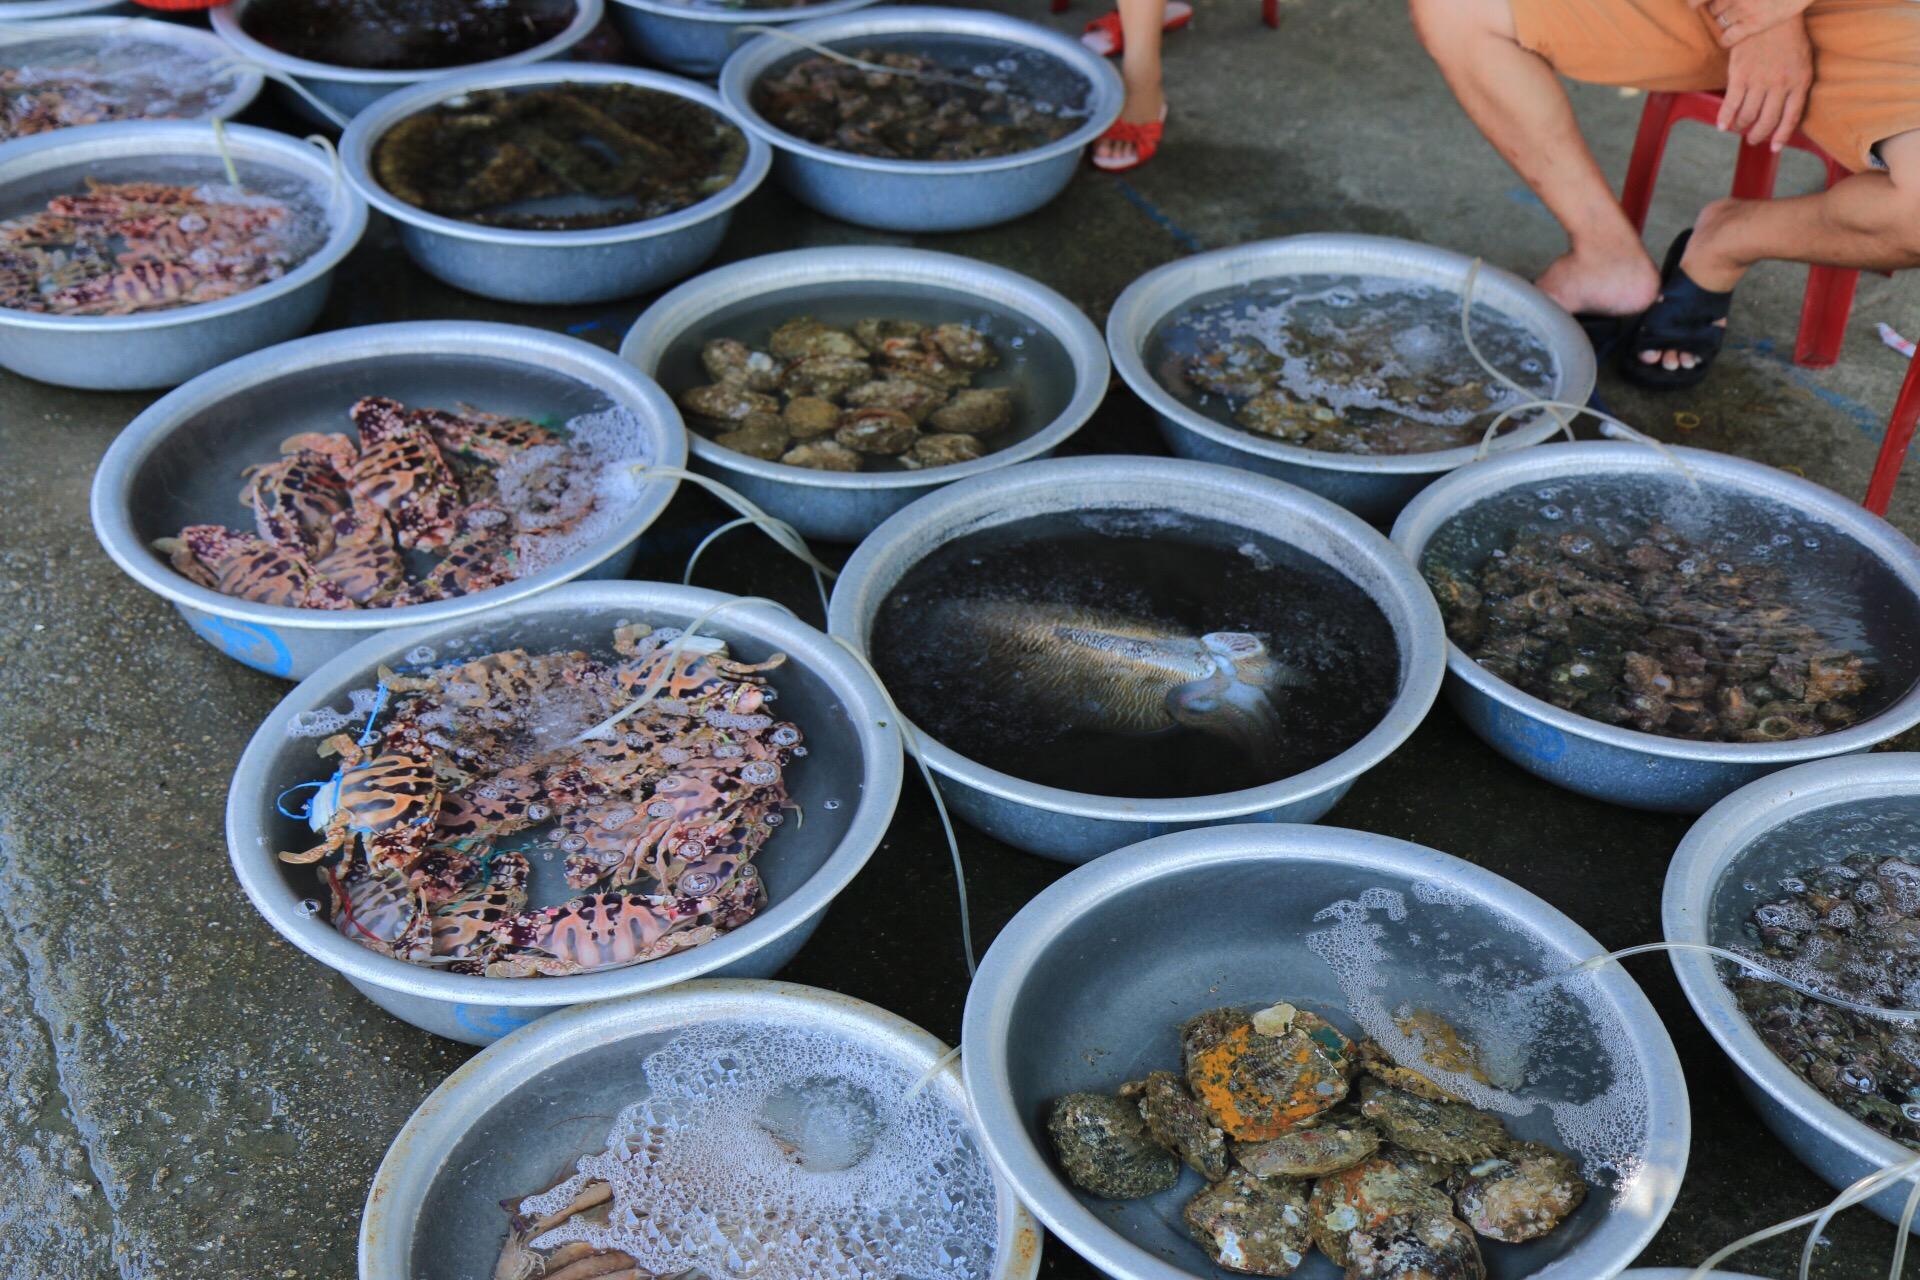 Auf dem Markt - frische noch lebende Fische und anderes Getier aus dem Wasser.